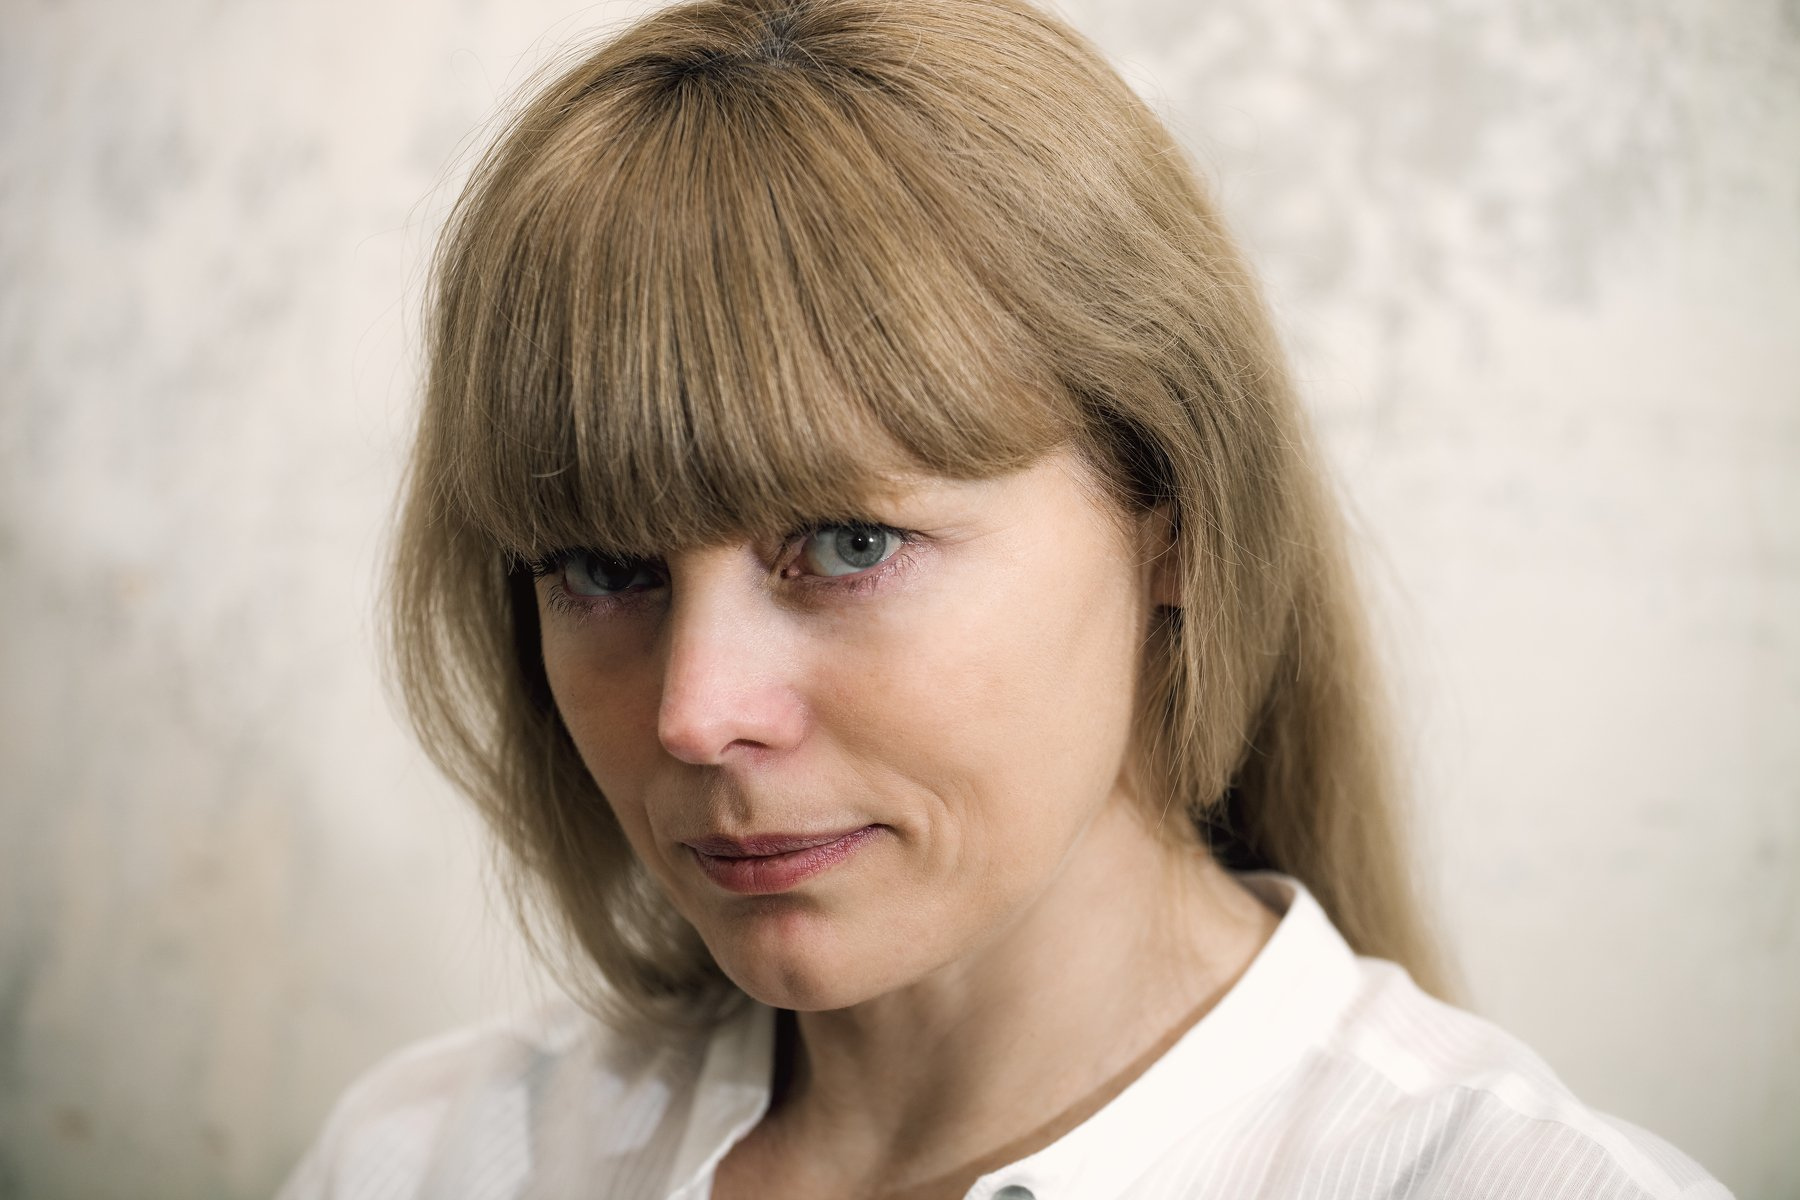 девушка, портрет, Алексей Щербатюк